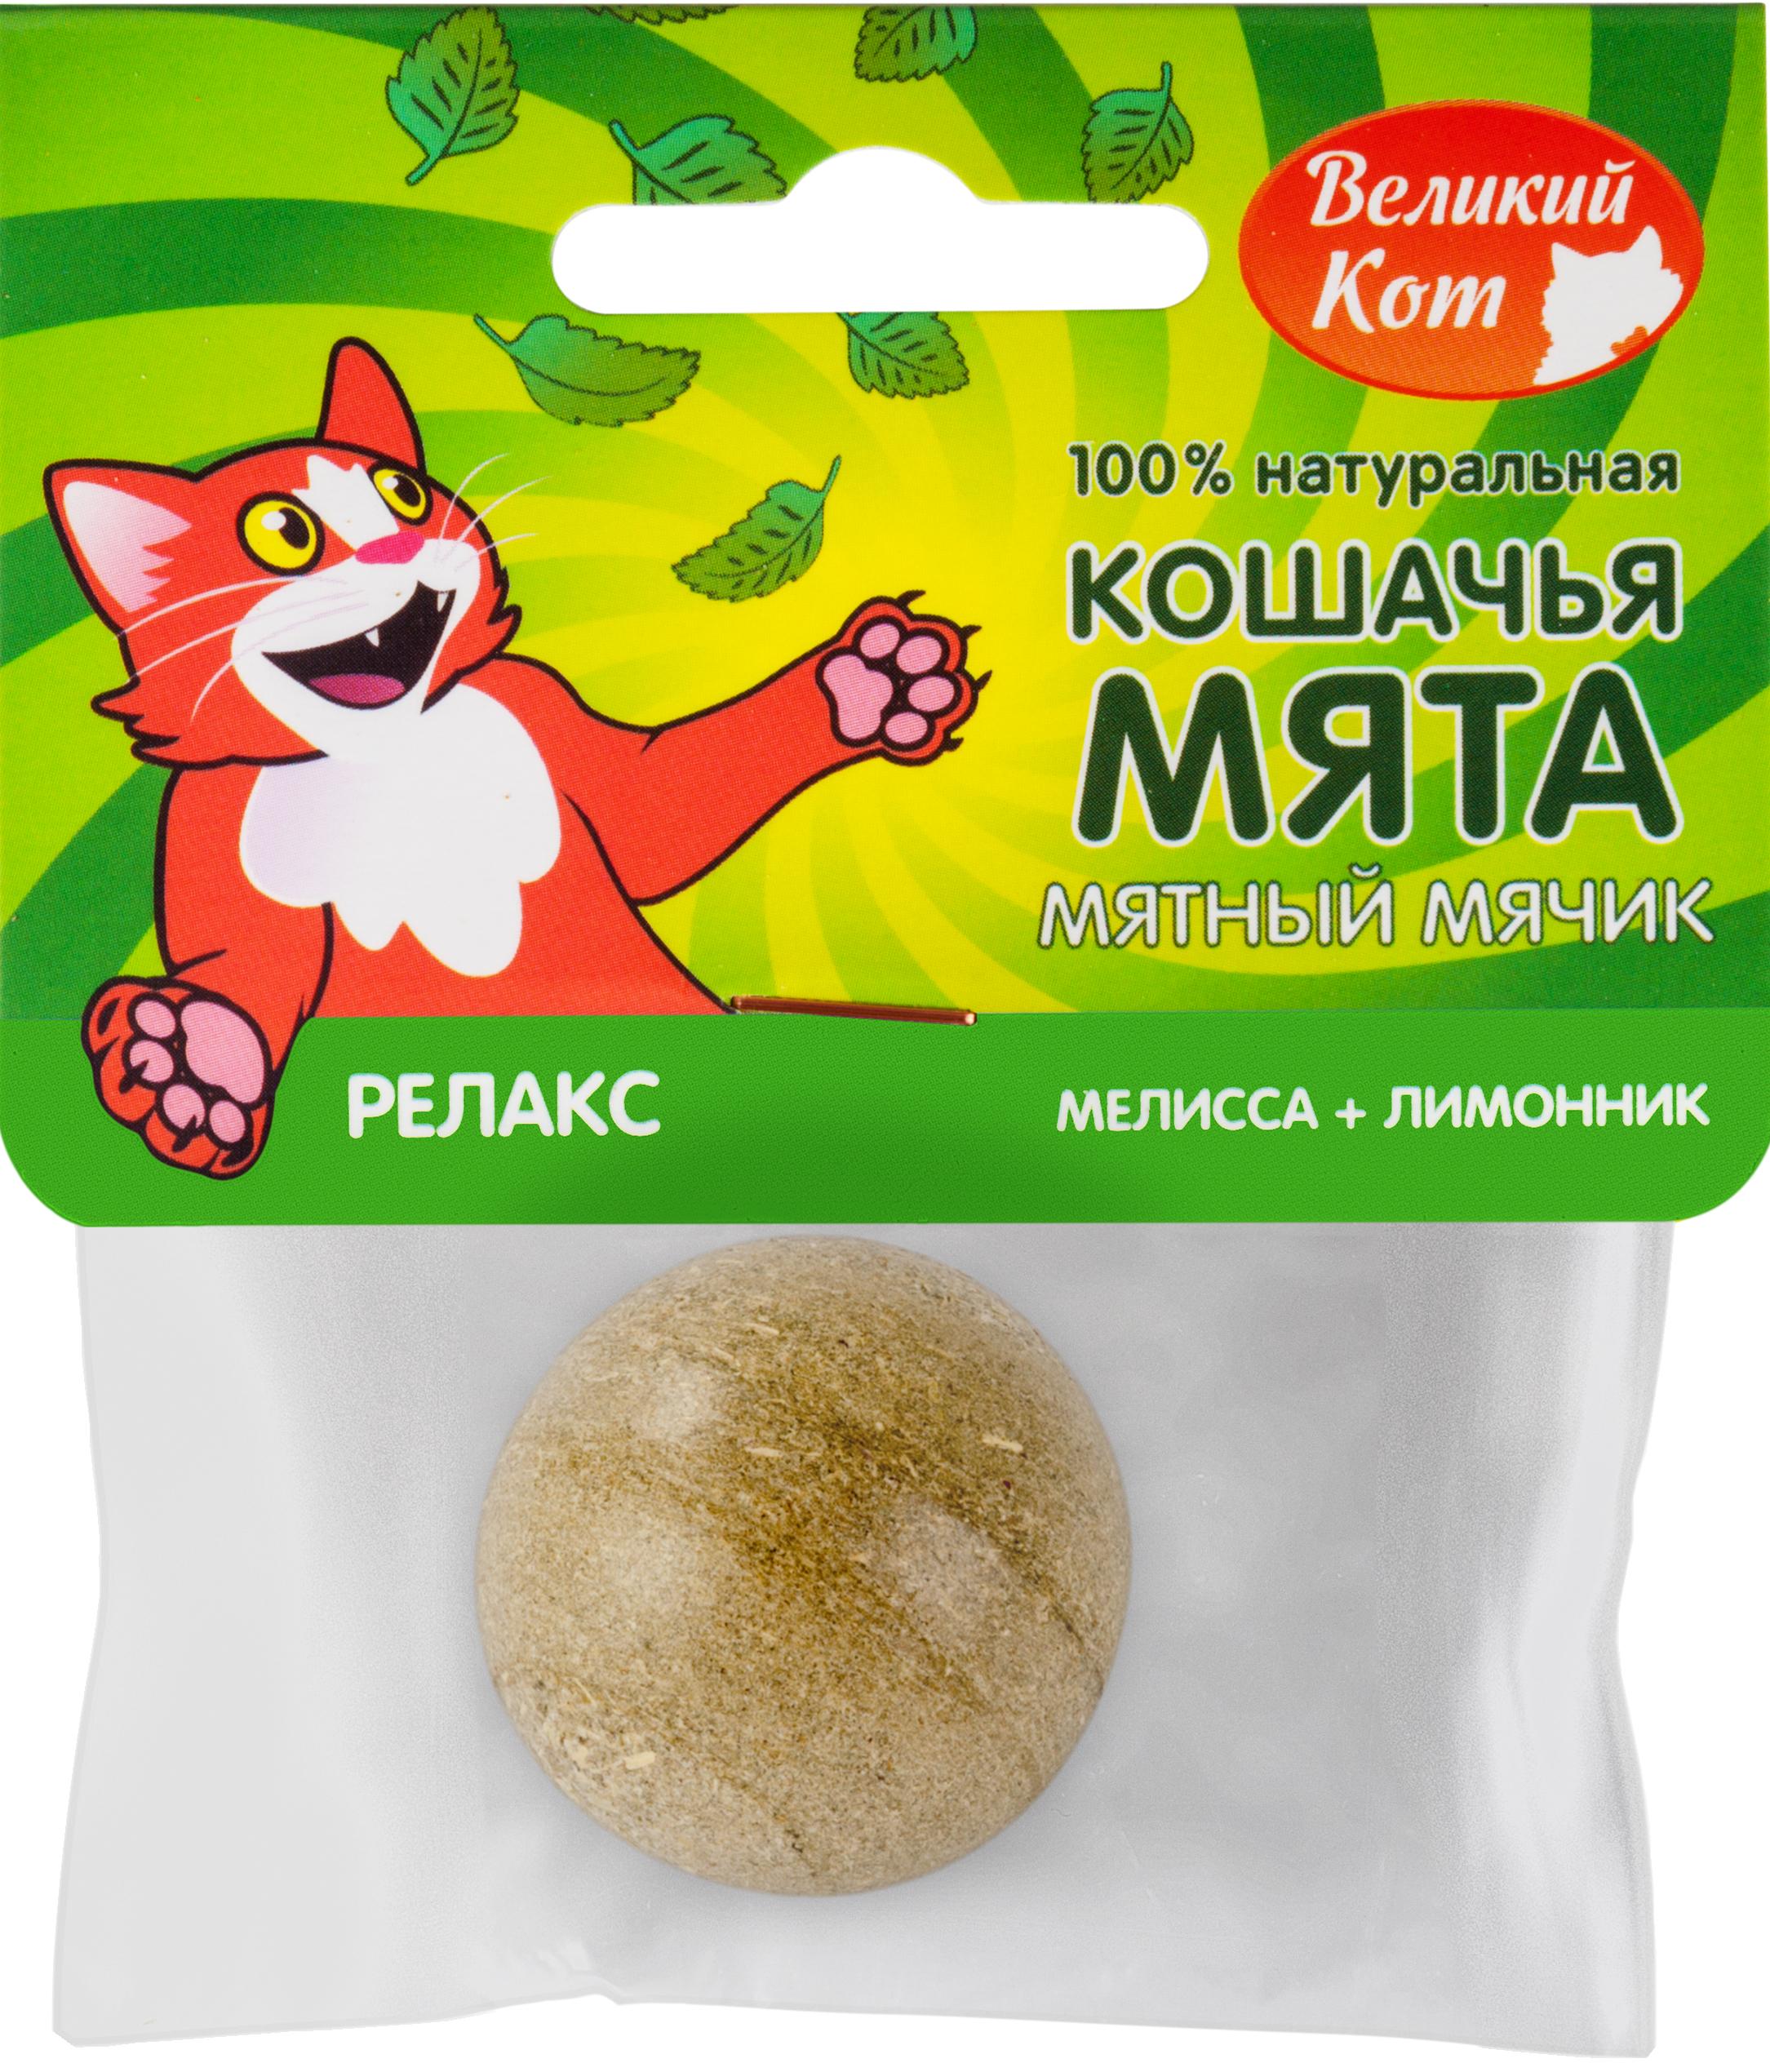 Игрушка для кошек Великий Кот, мячик РЕЛАКС,